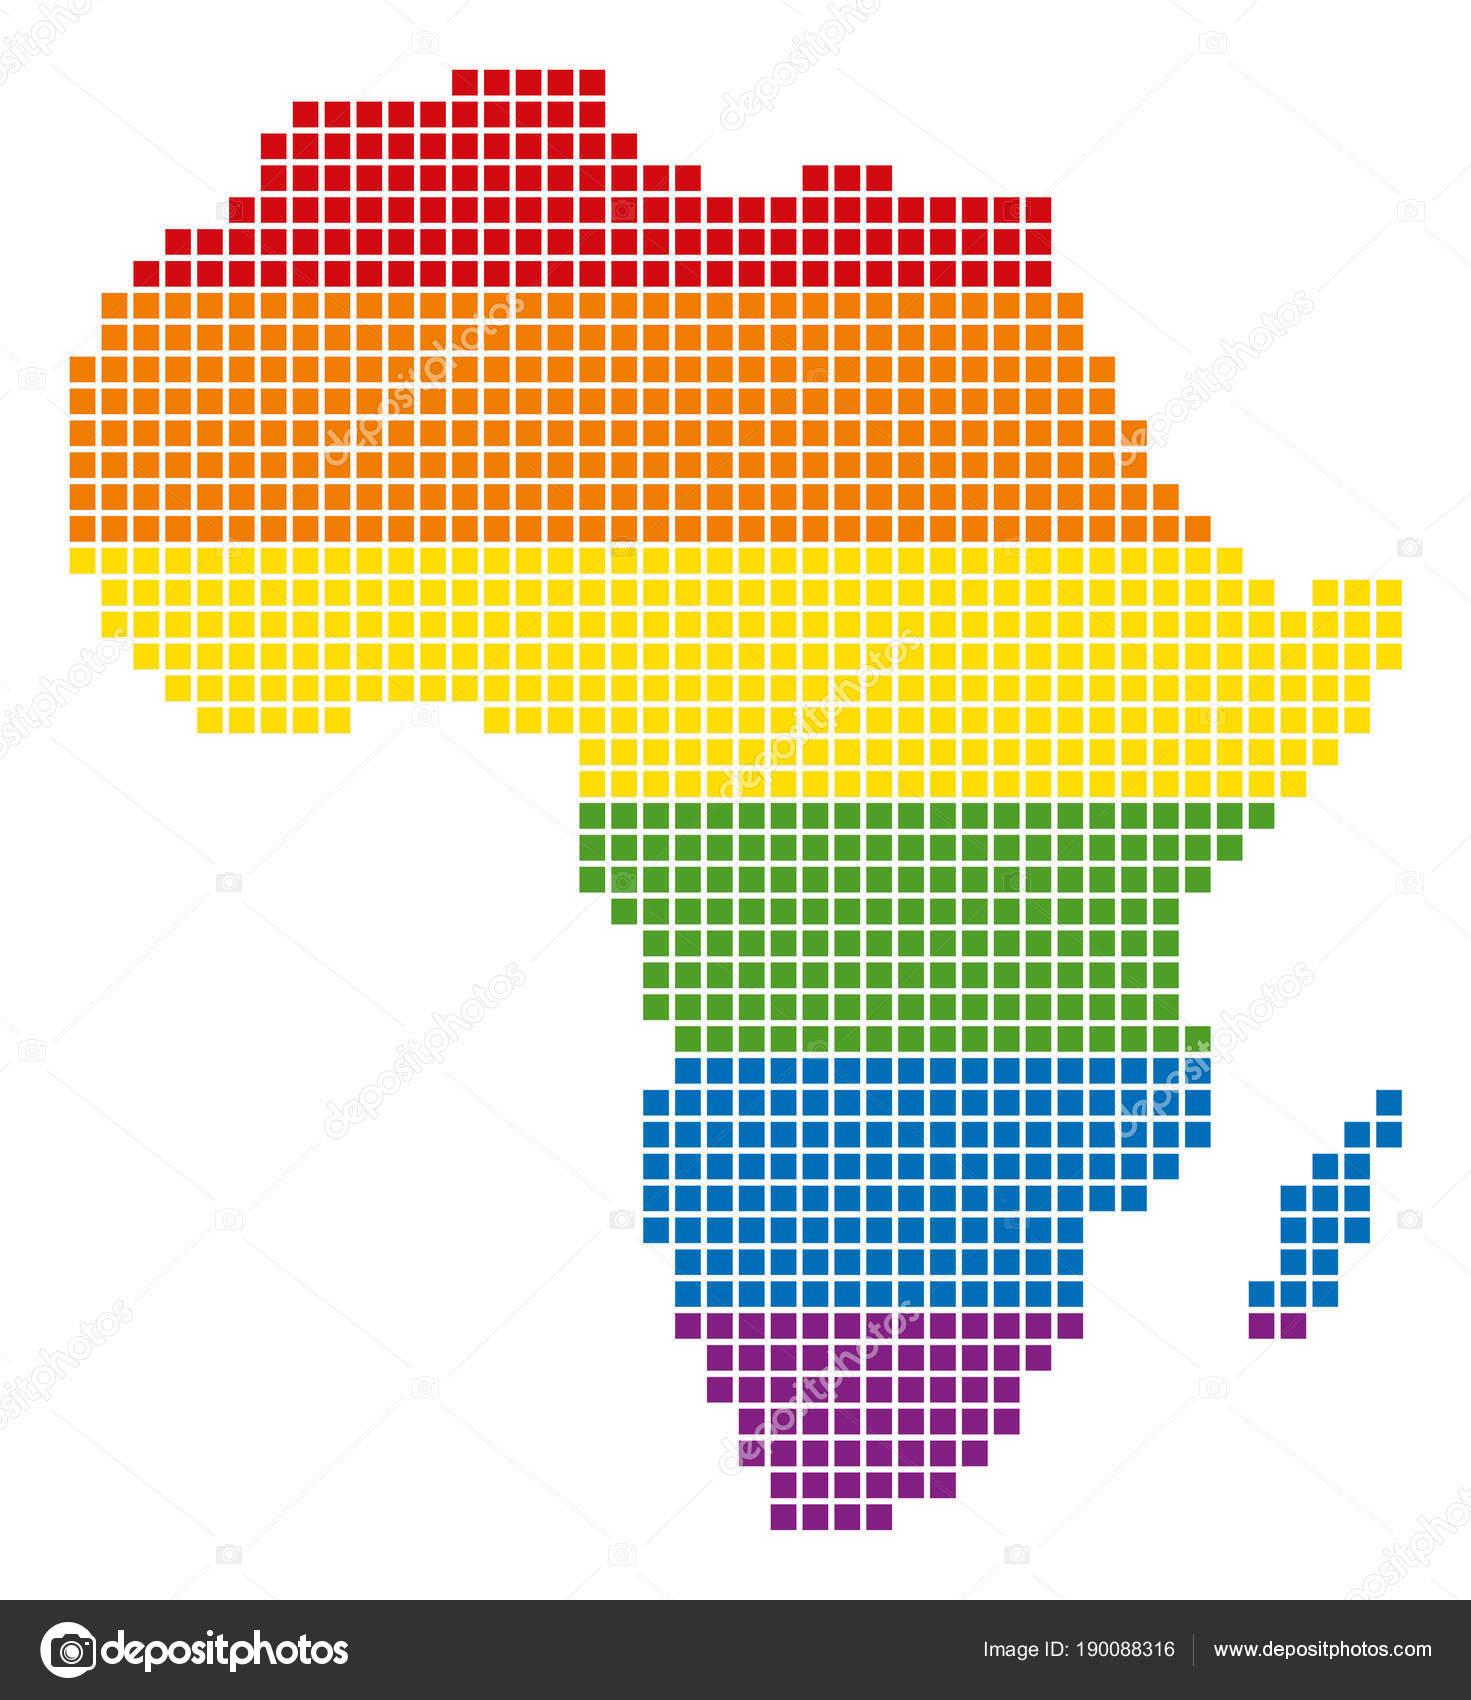 Spectrum Pixel LGBT Africa Map Stock Vector ahasoft 190088316